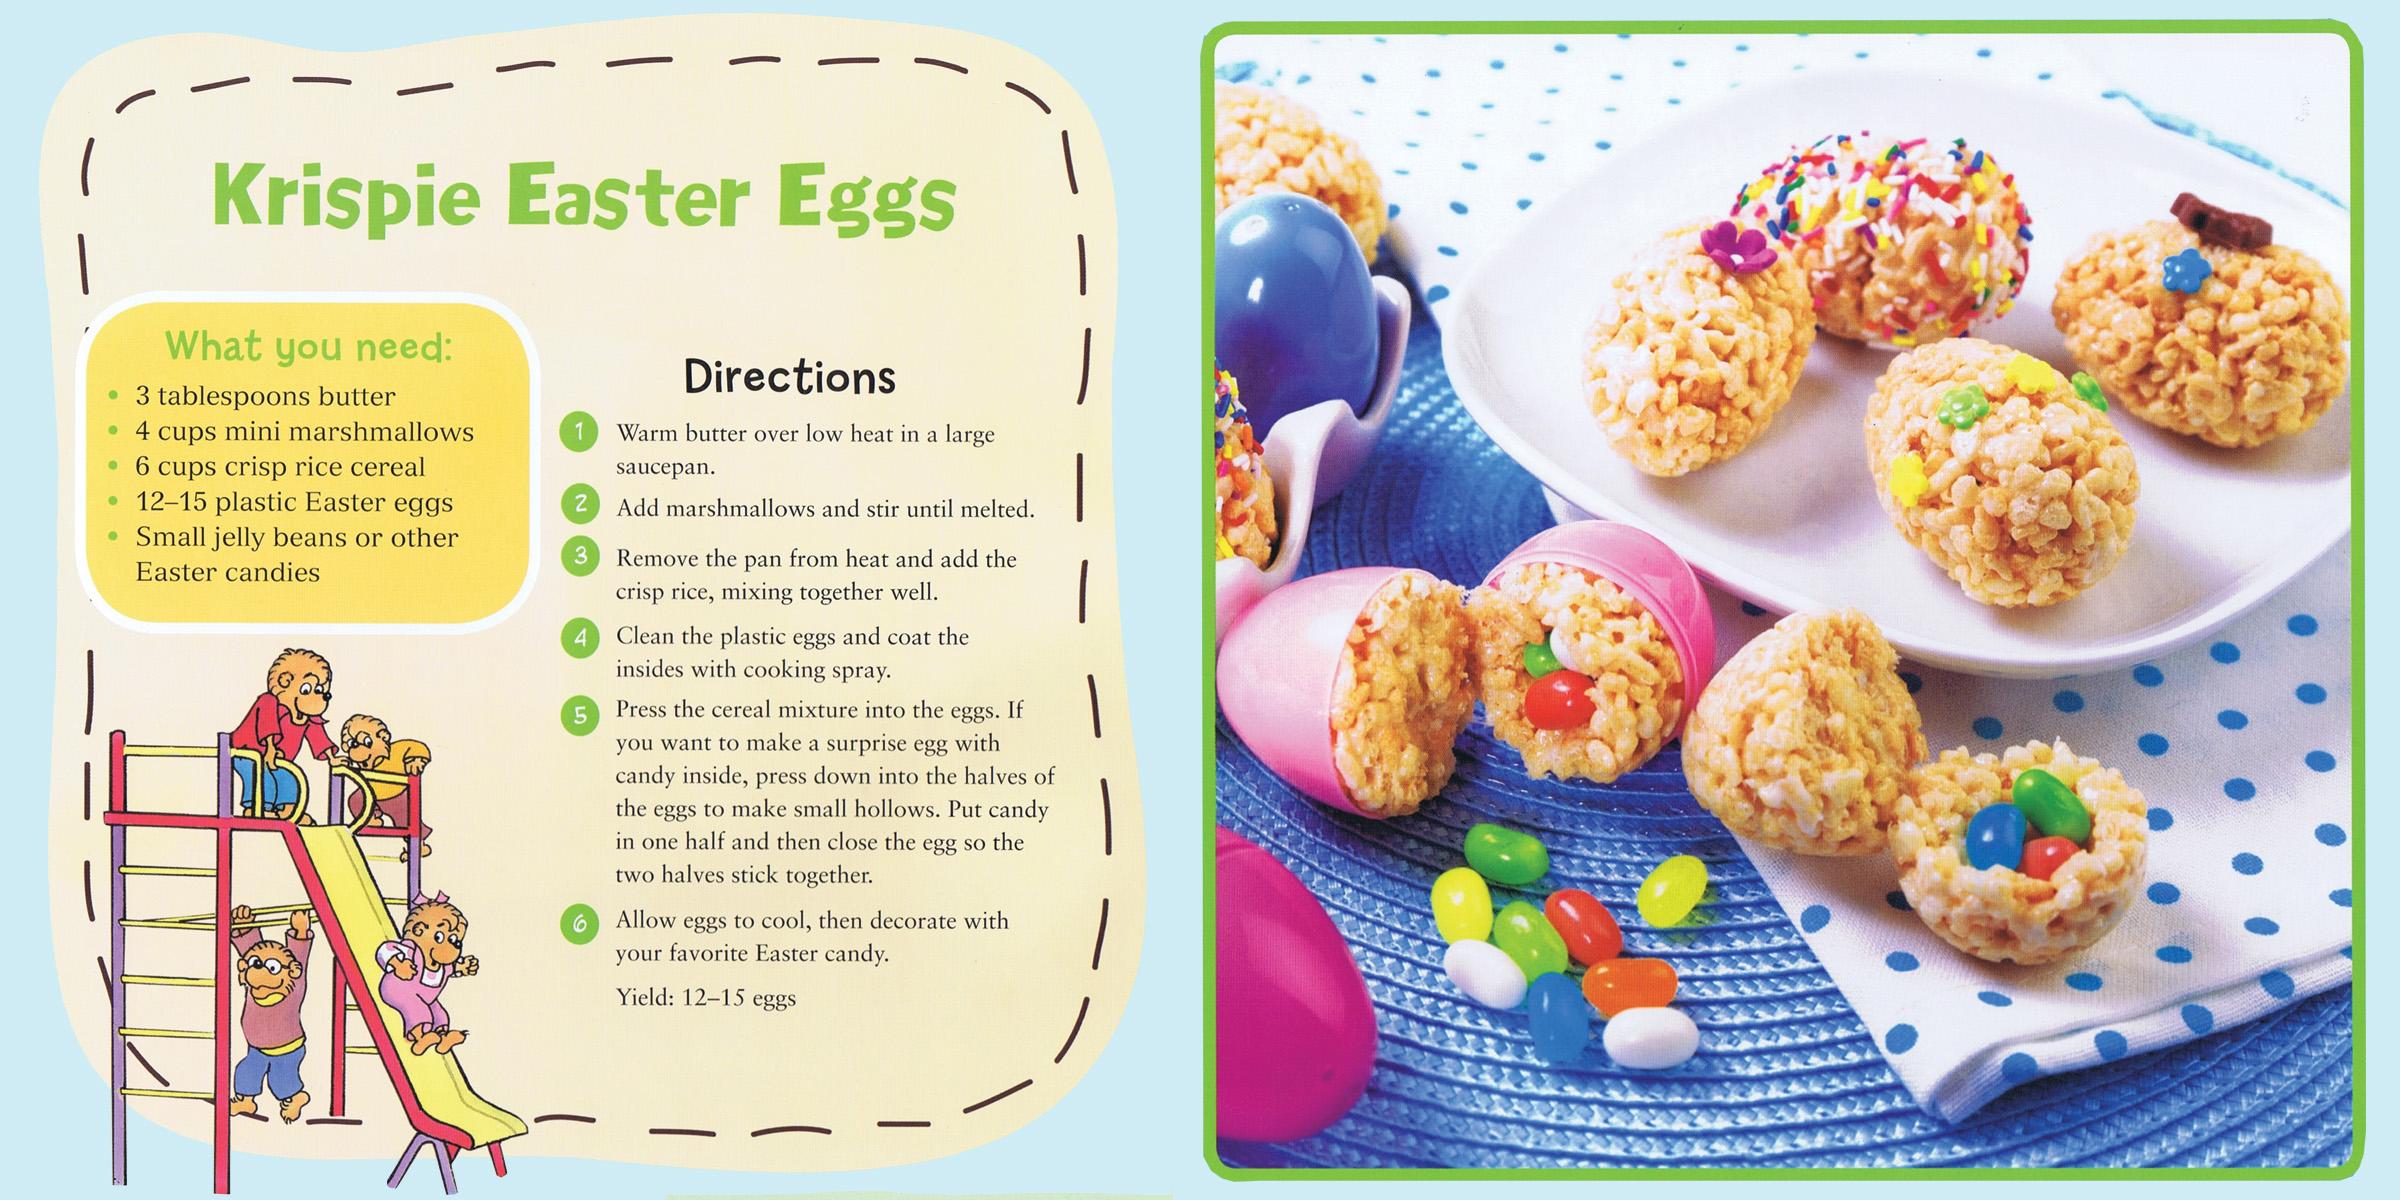 Krispie Easter Eggs